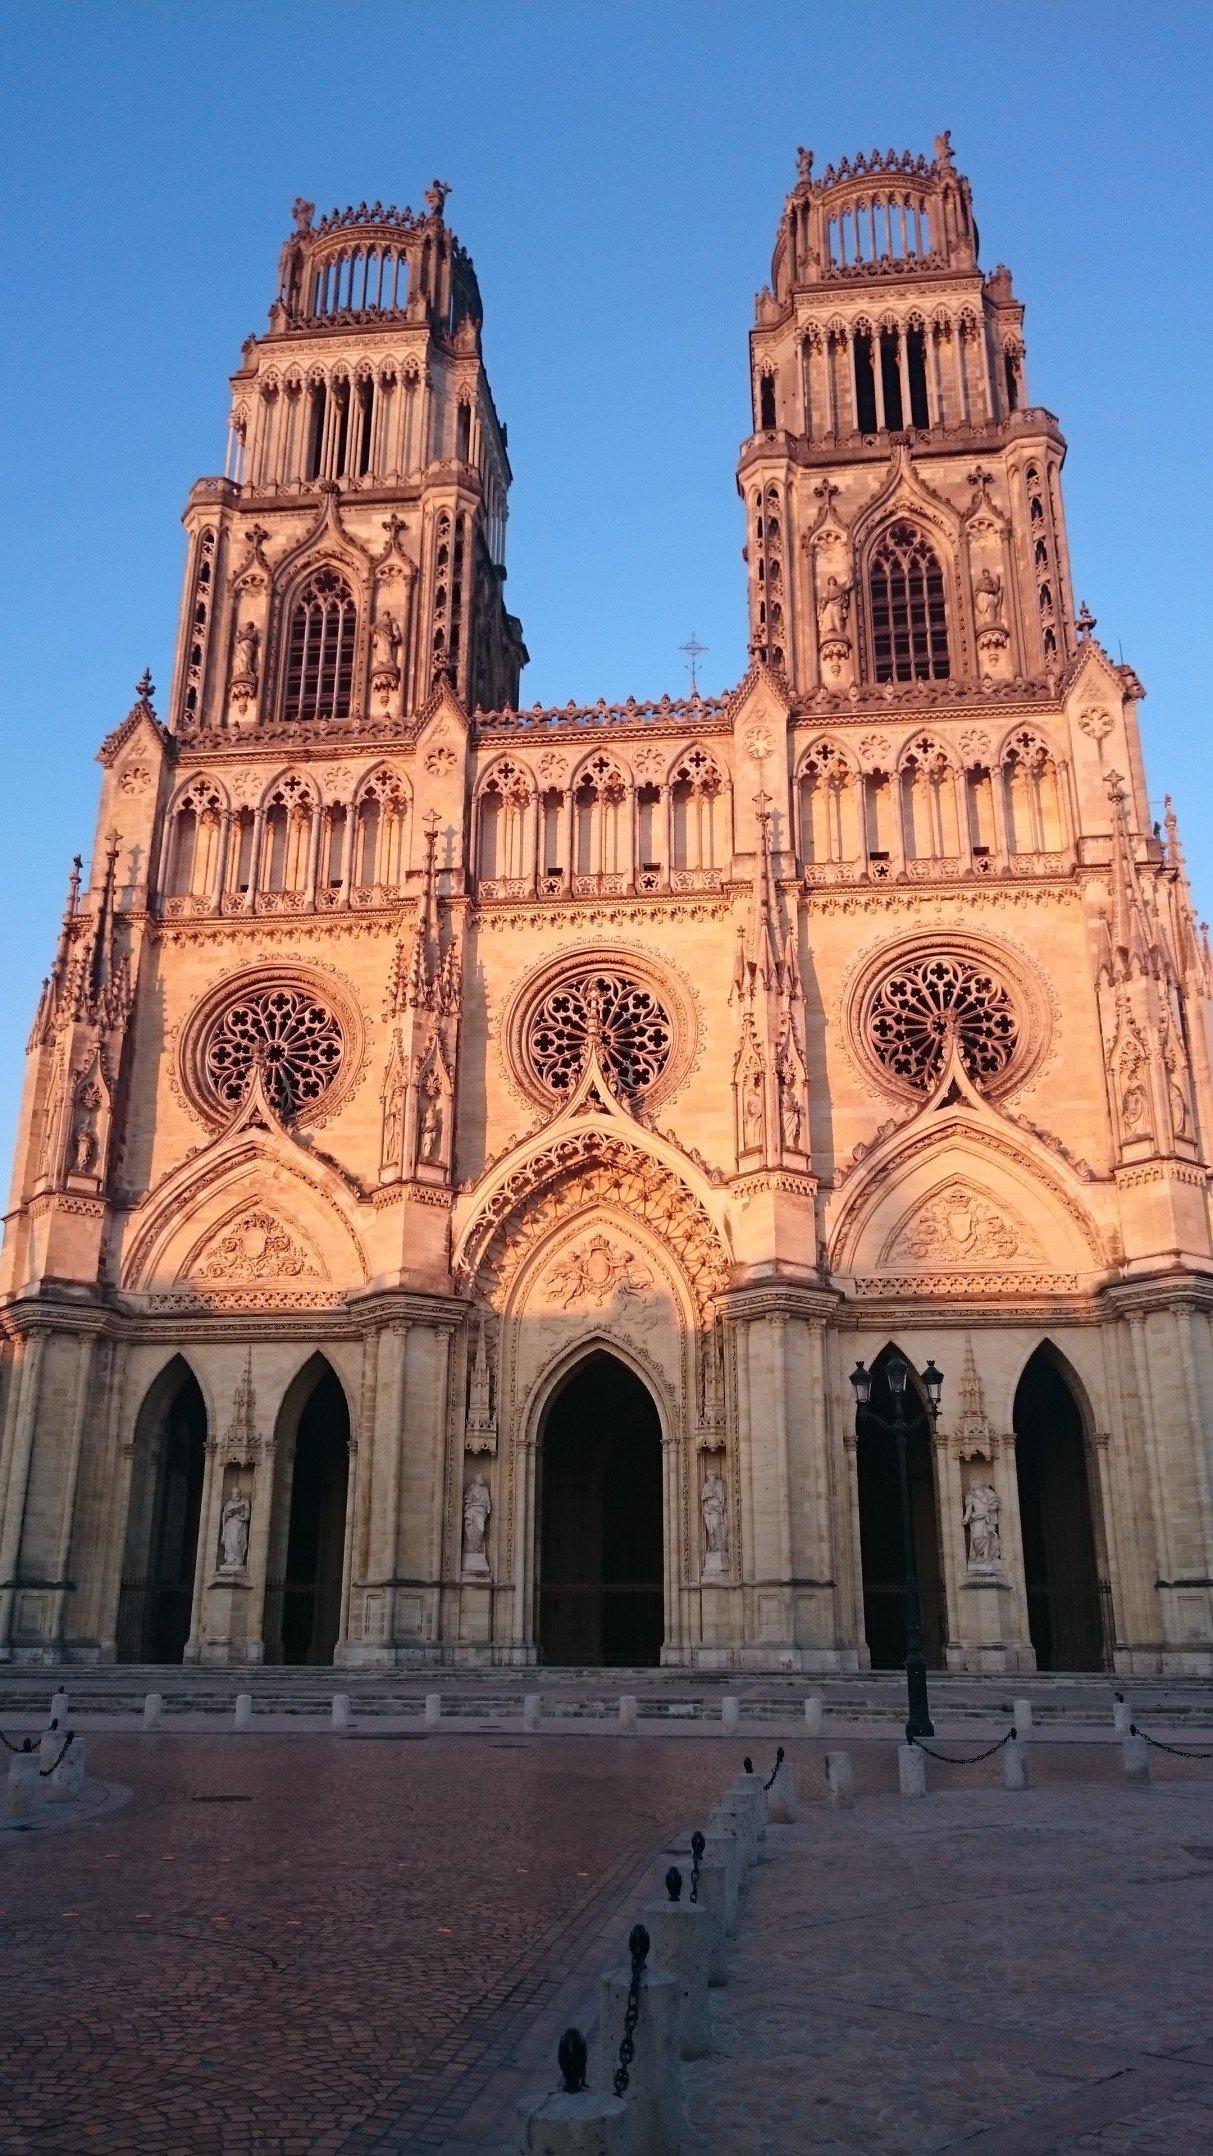 Les visites d'Orléans: découvrir sa ville autrement 7